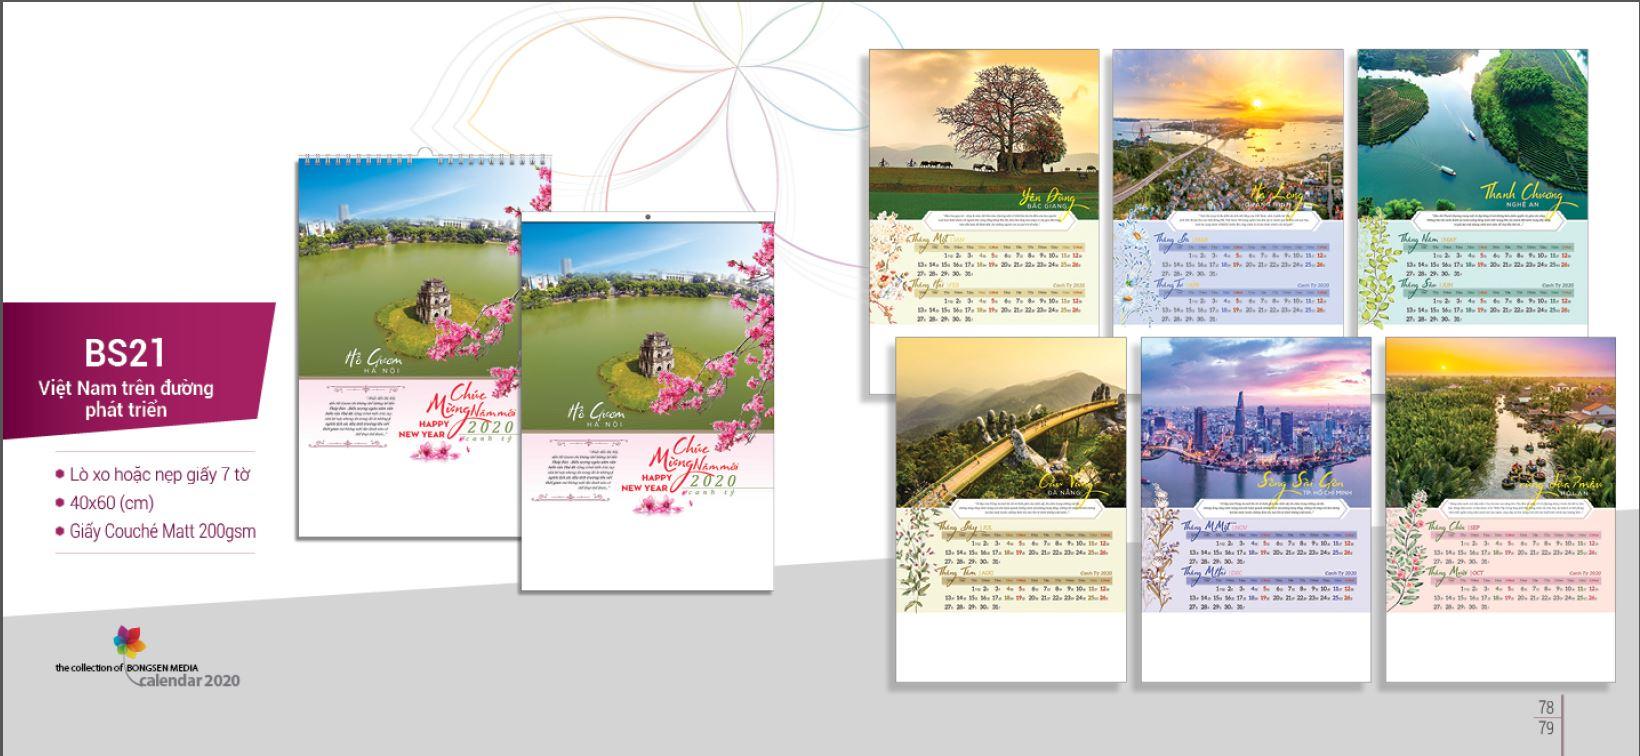 Mẫu lịch Tết treo tường BS 2020 - Việt Nam trên đường phát triển